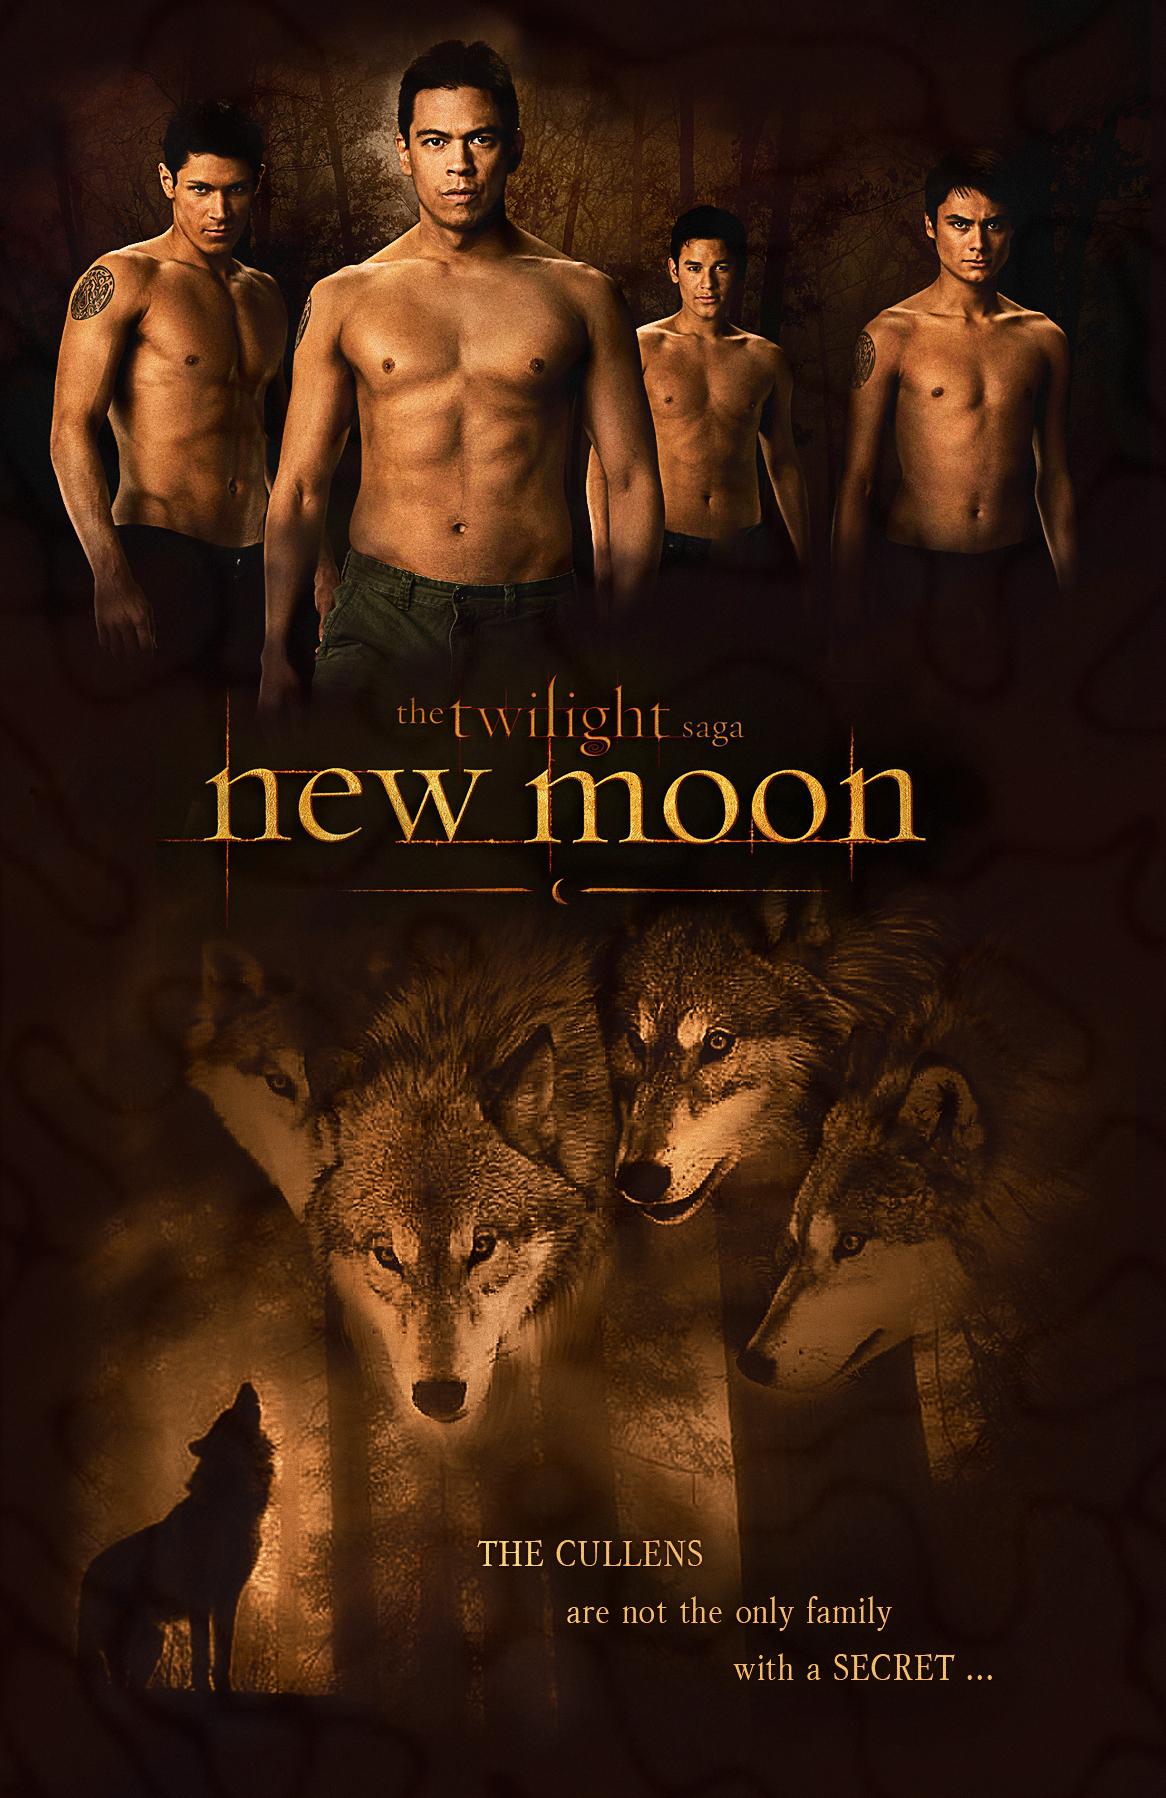 new moon new moon movie fan art 6152177 fanpop